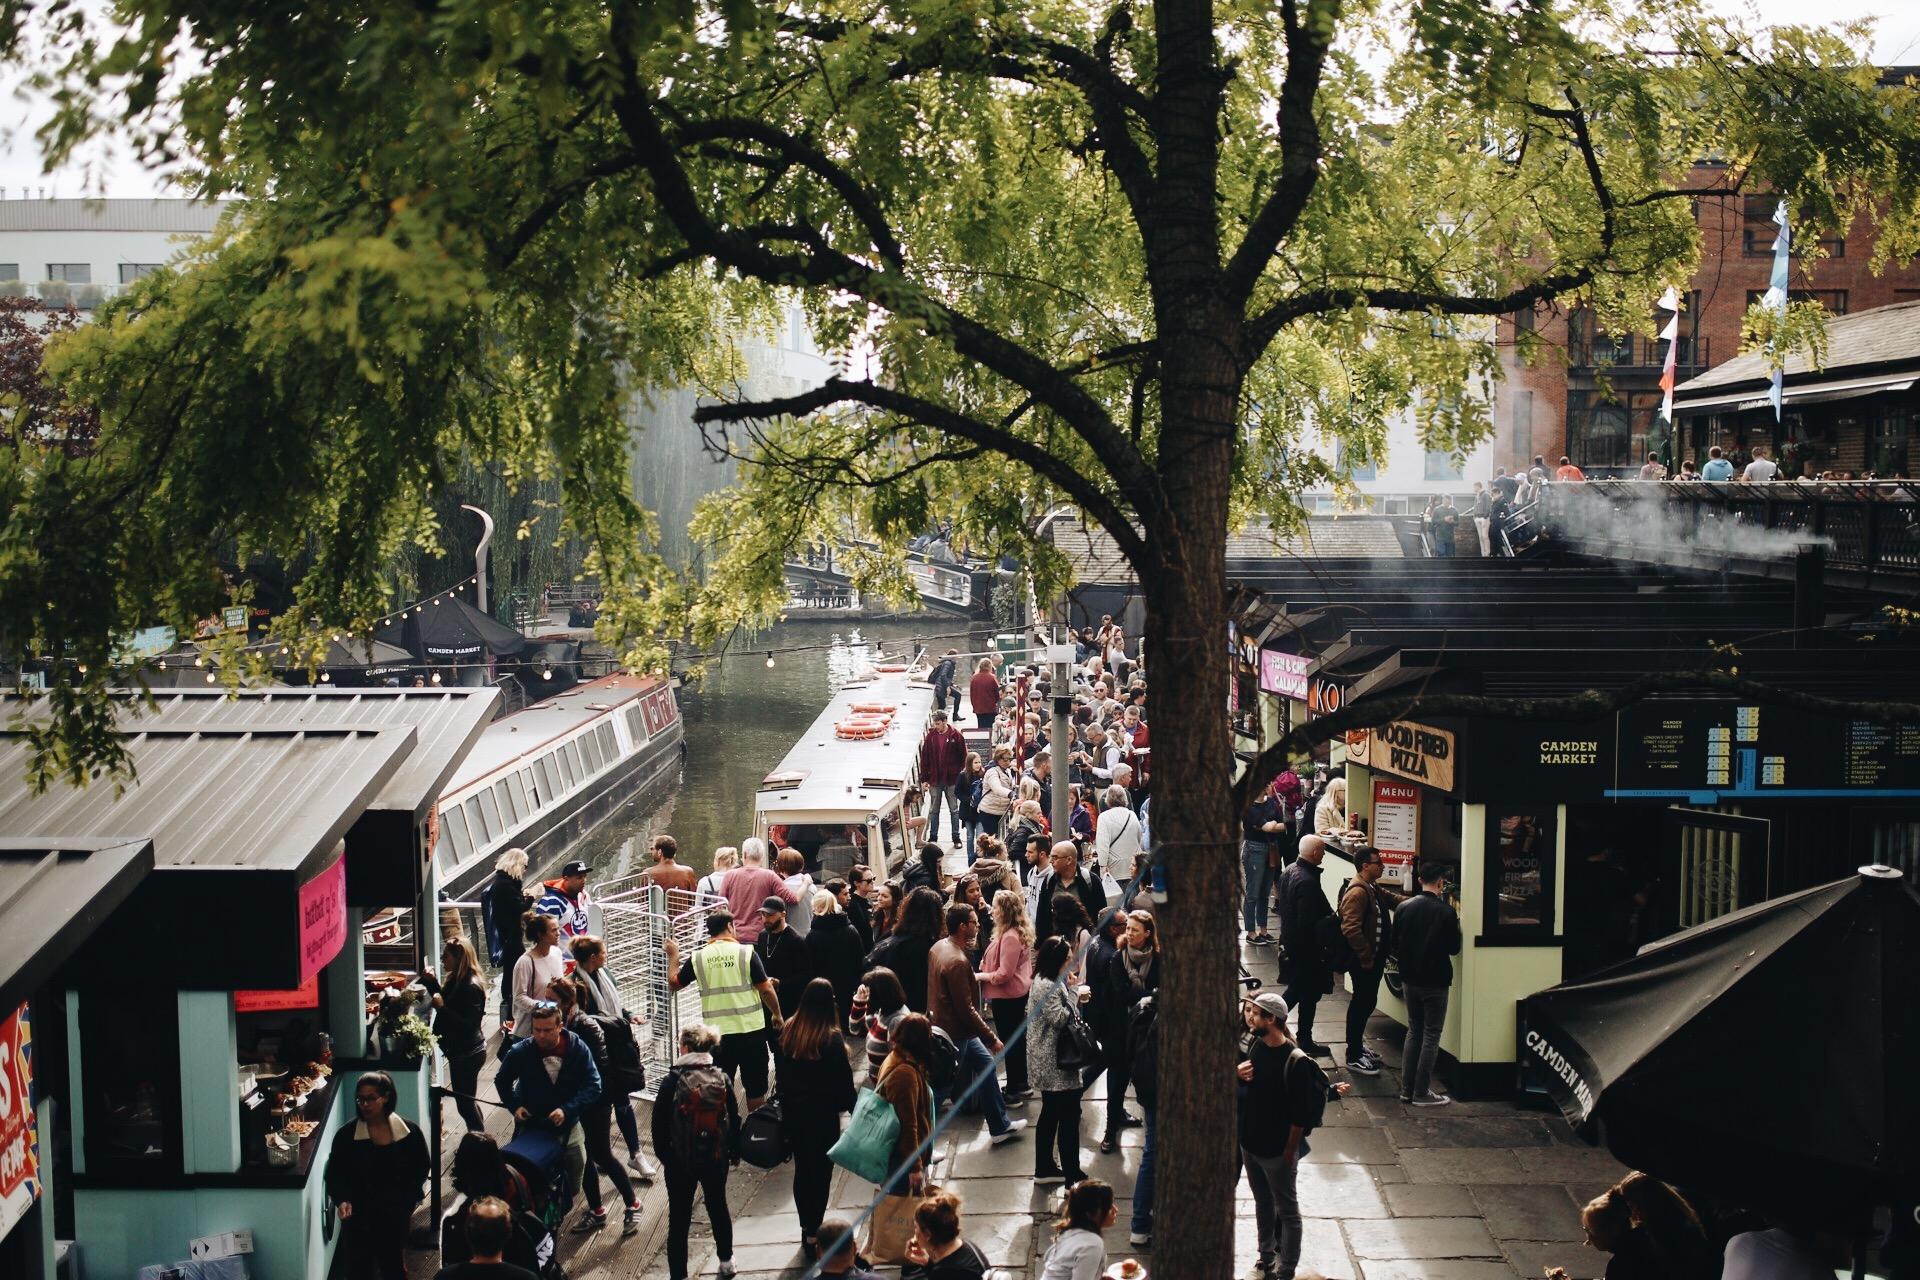 camden-market-london.JPG